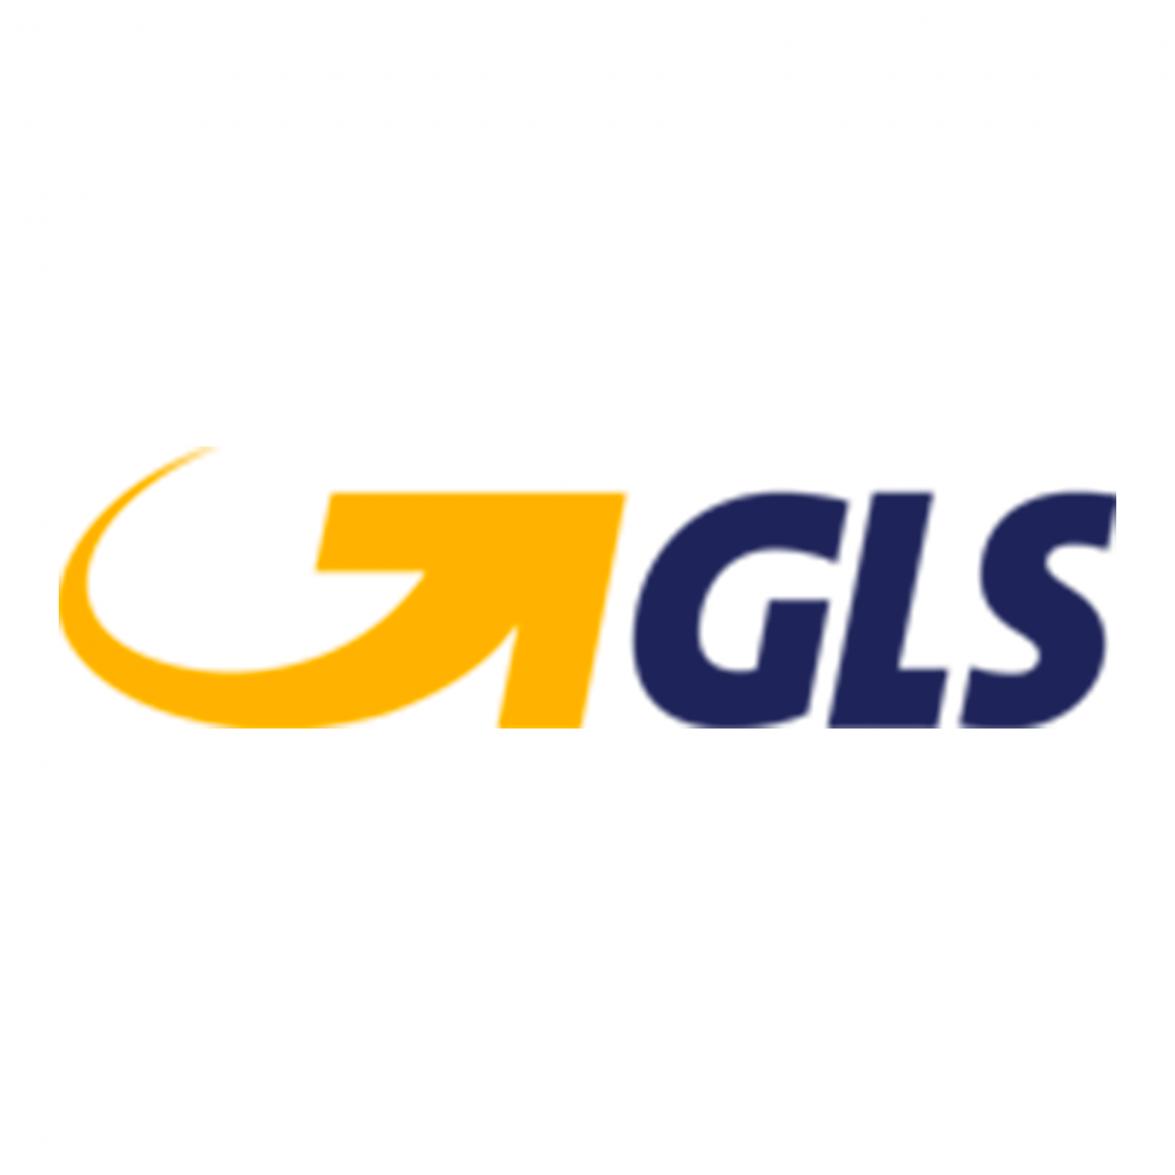 Angèle Von kiss - Mes clients - GLS France